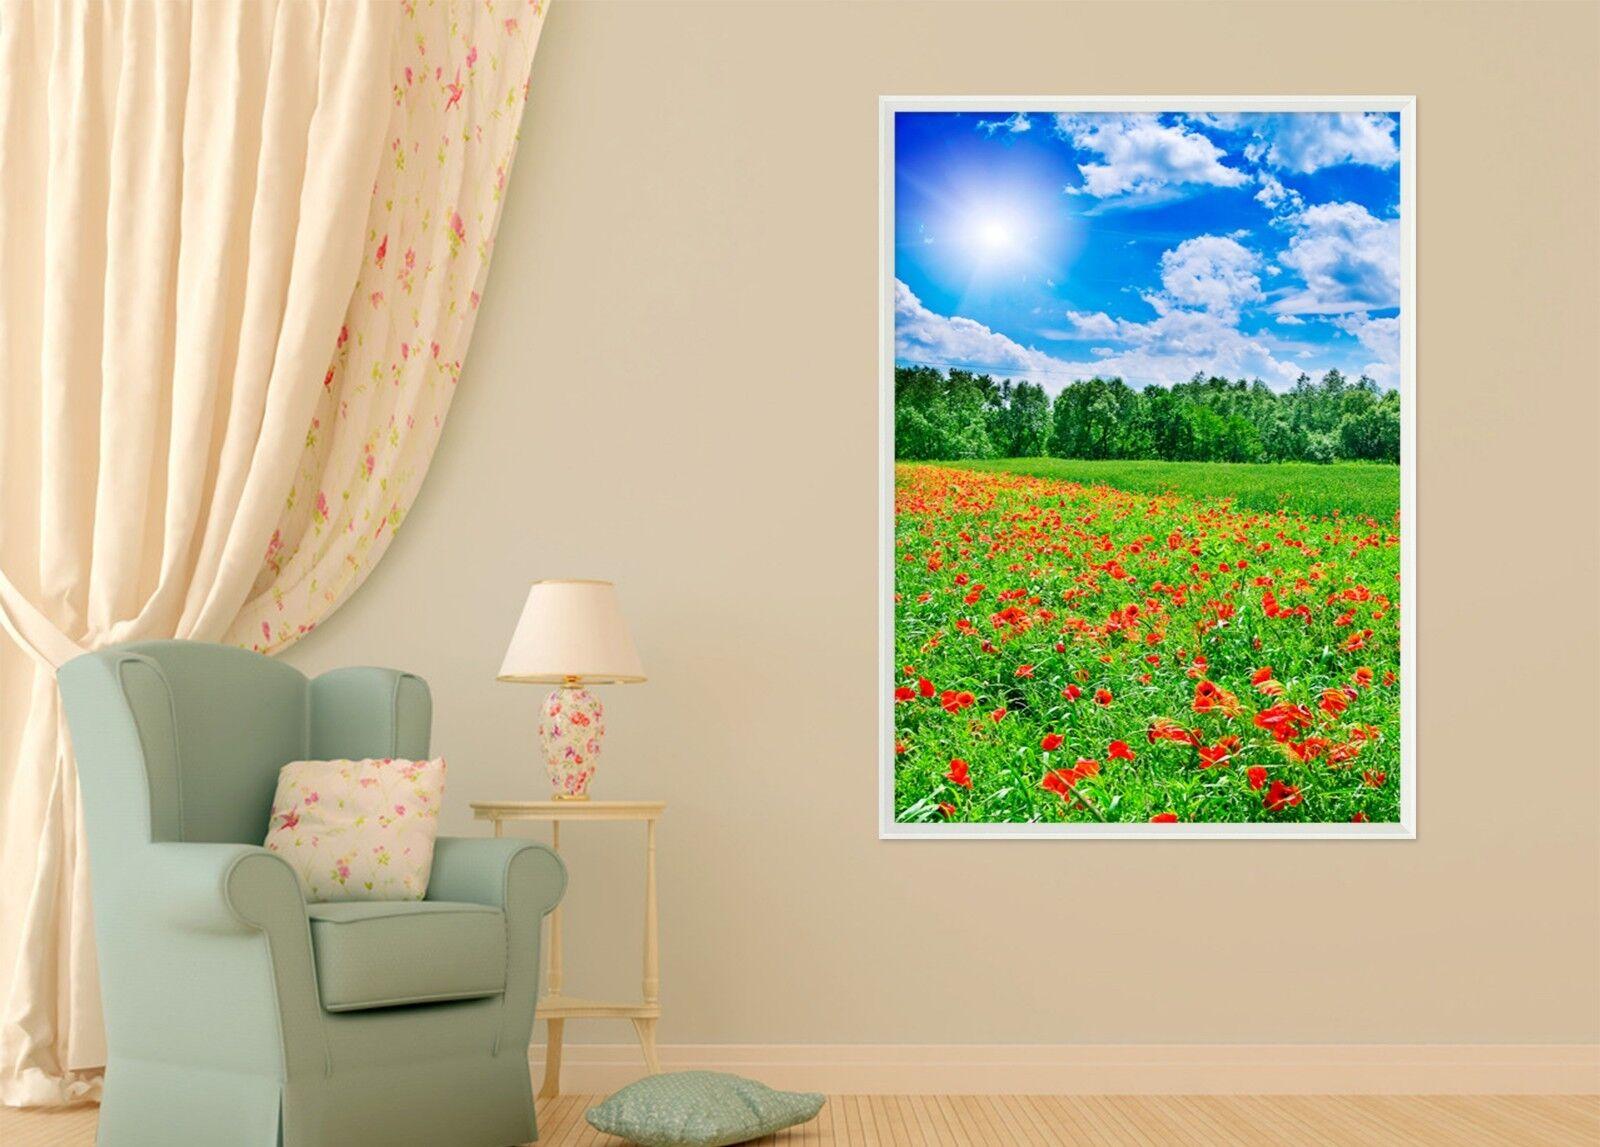 Campo de Flor de Sol 3D 51 Póster Enmarcado Decoración del Hogar Pintura de Impresión Arte AJ